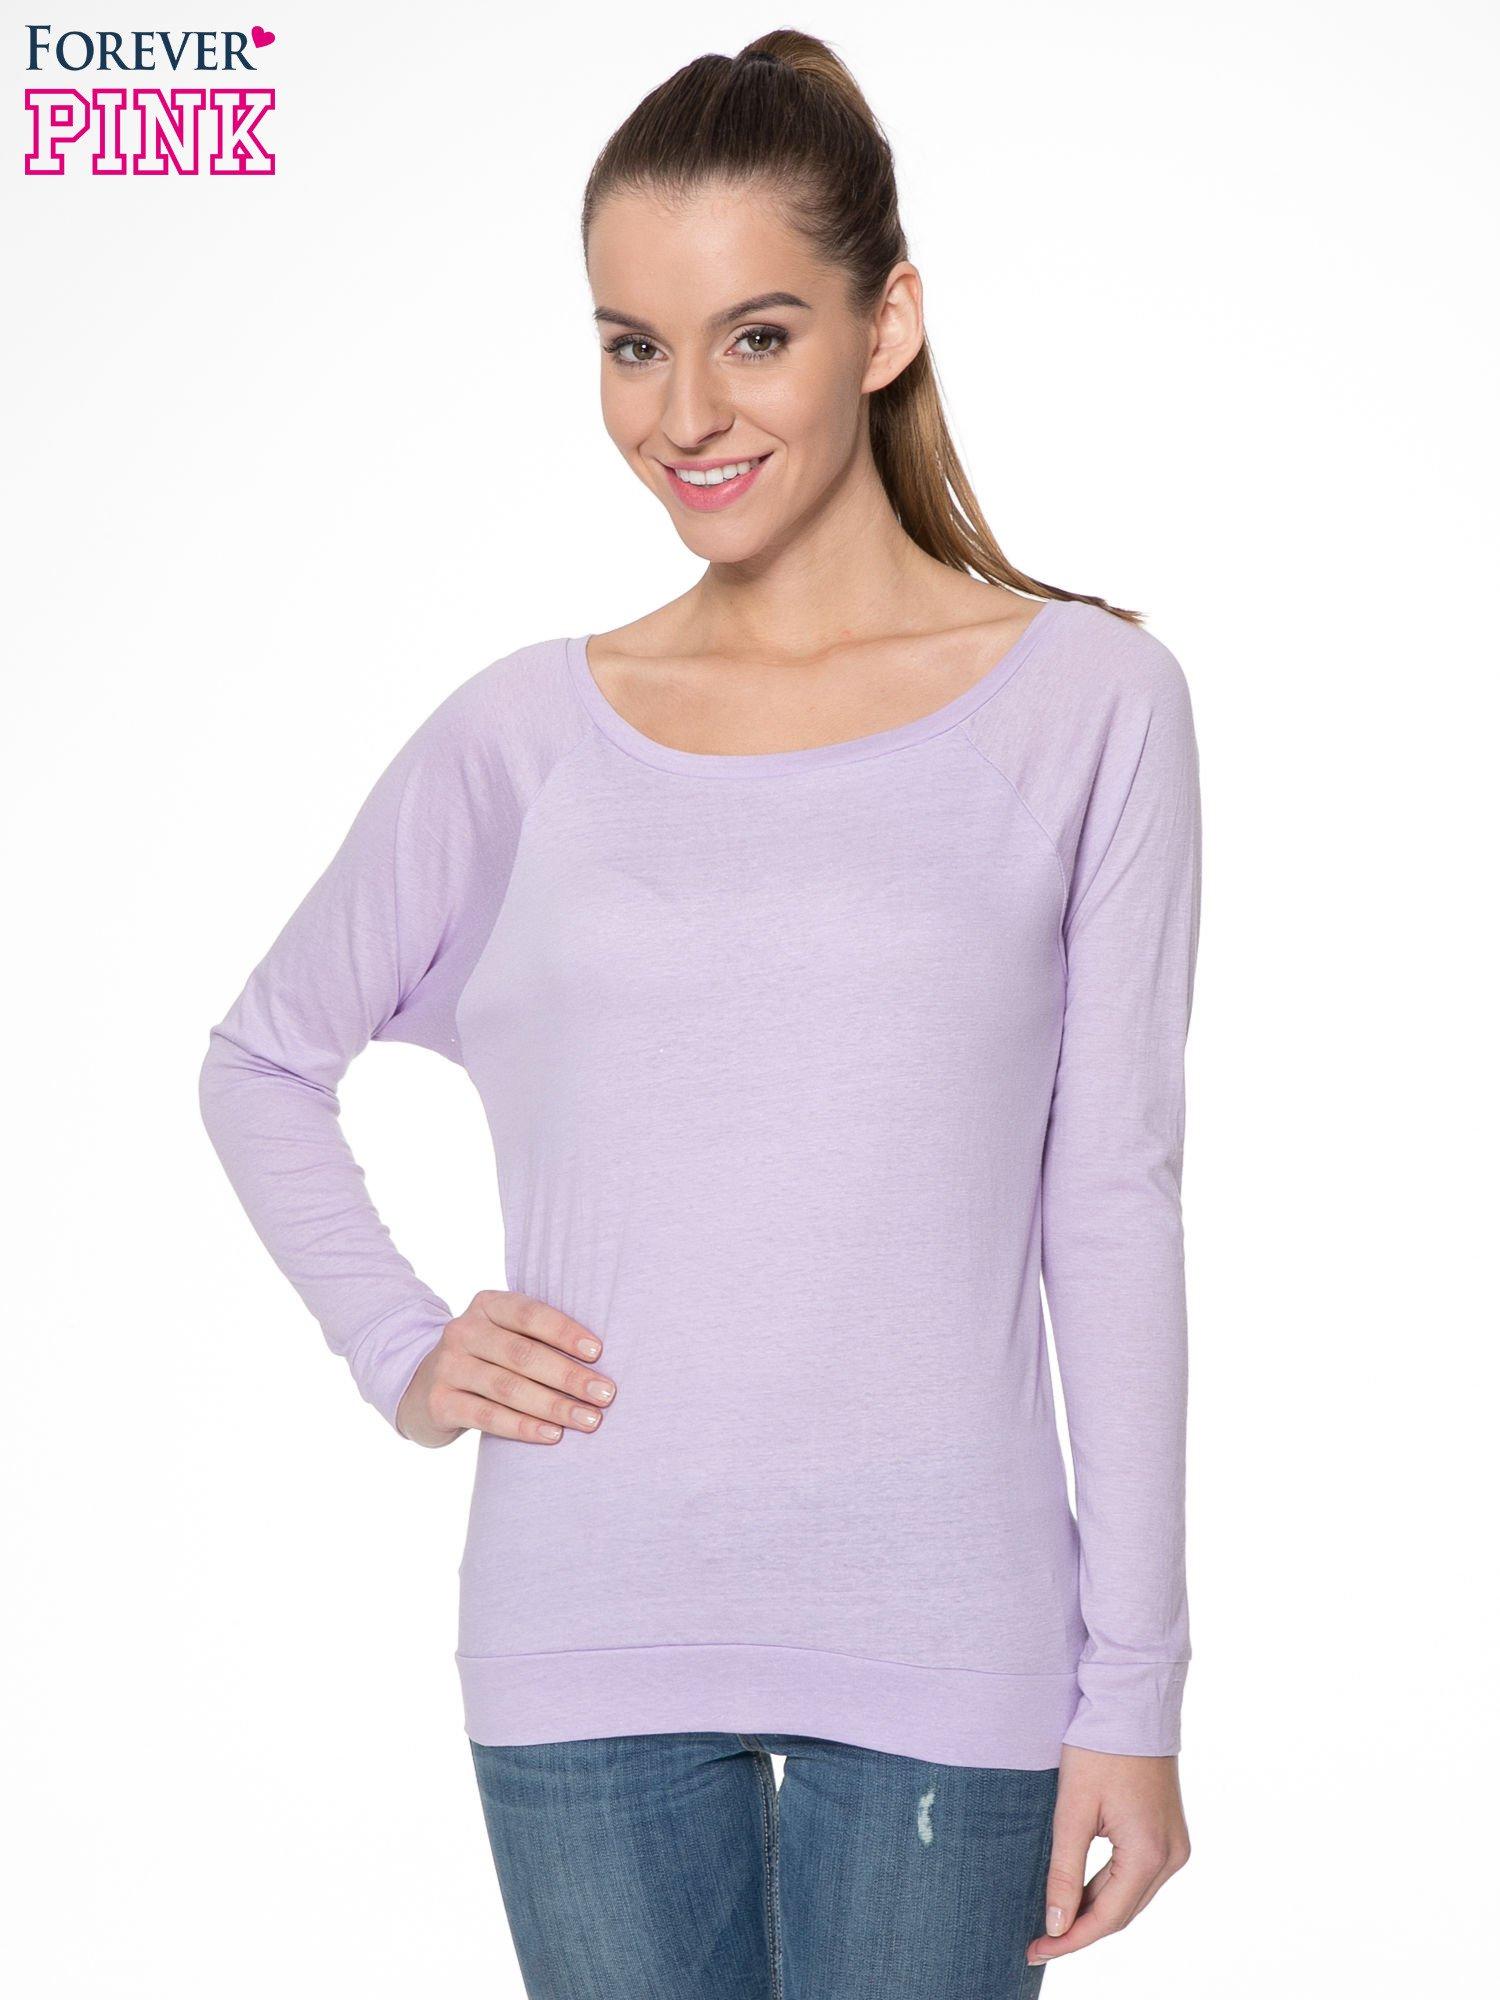 Jasnofioletowa bawełniana bluzka z rękawami typu reglan                                  zdj.                                  1